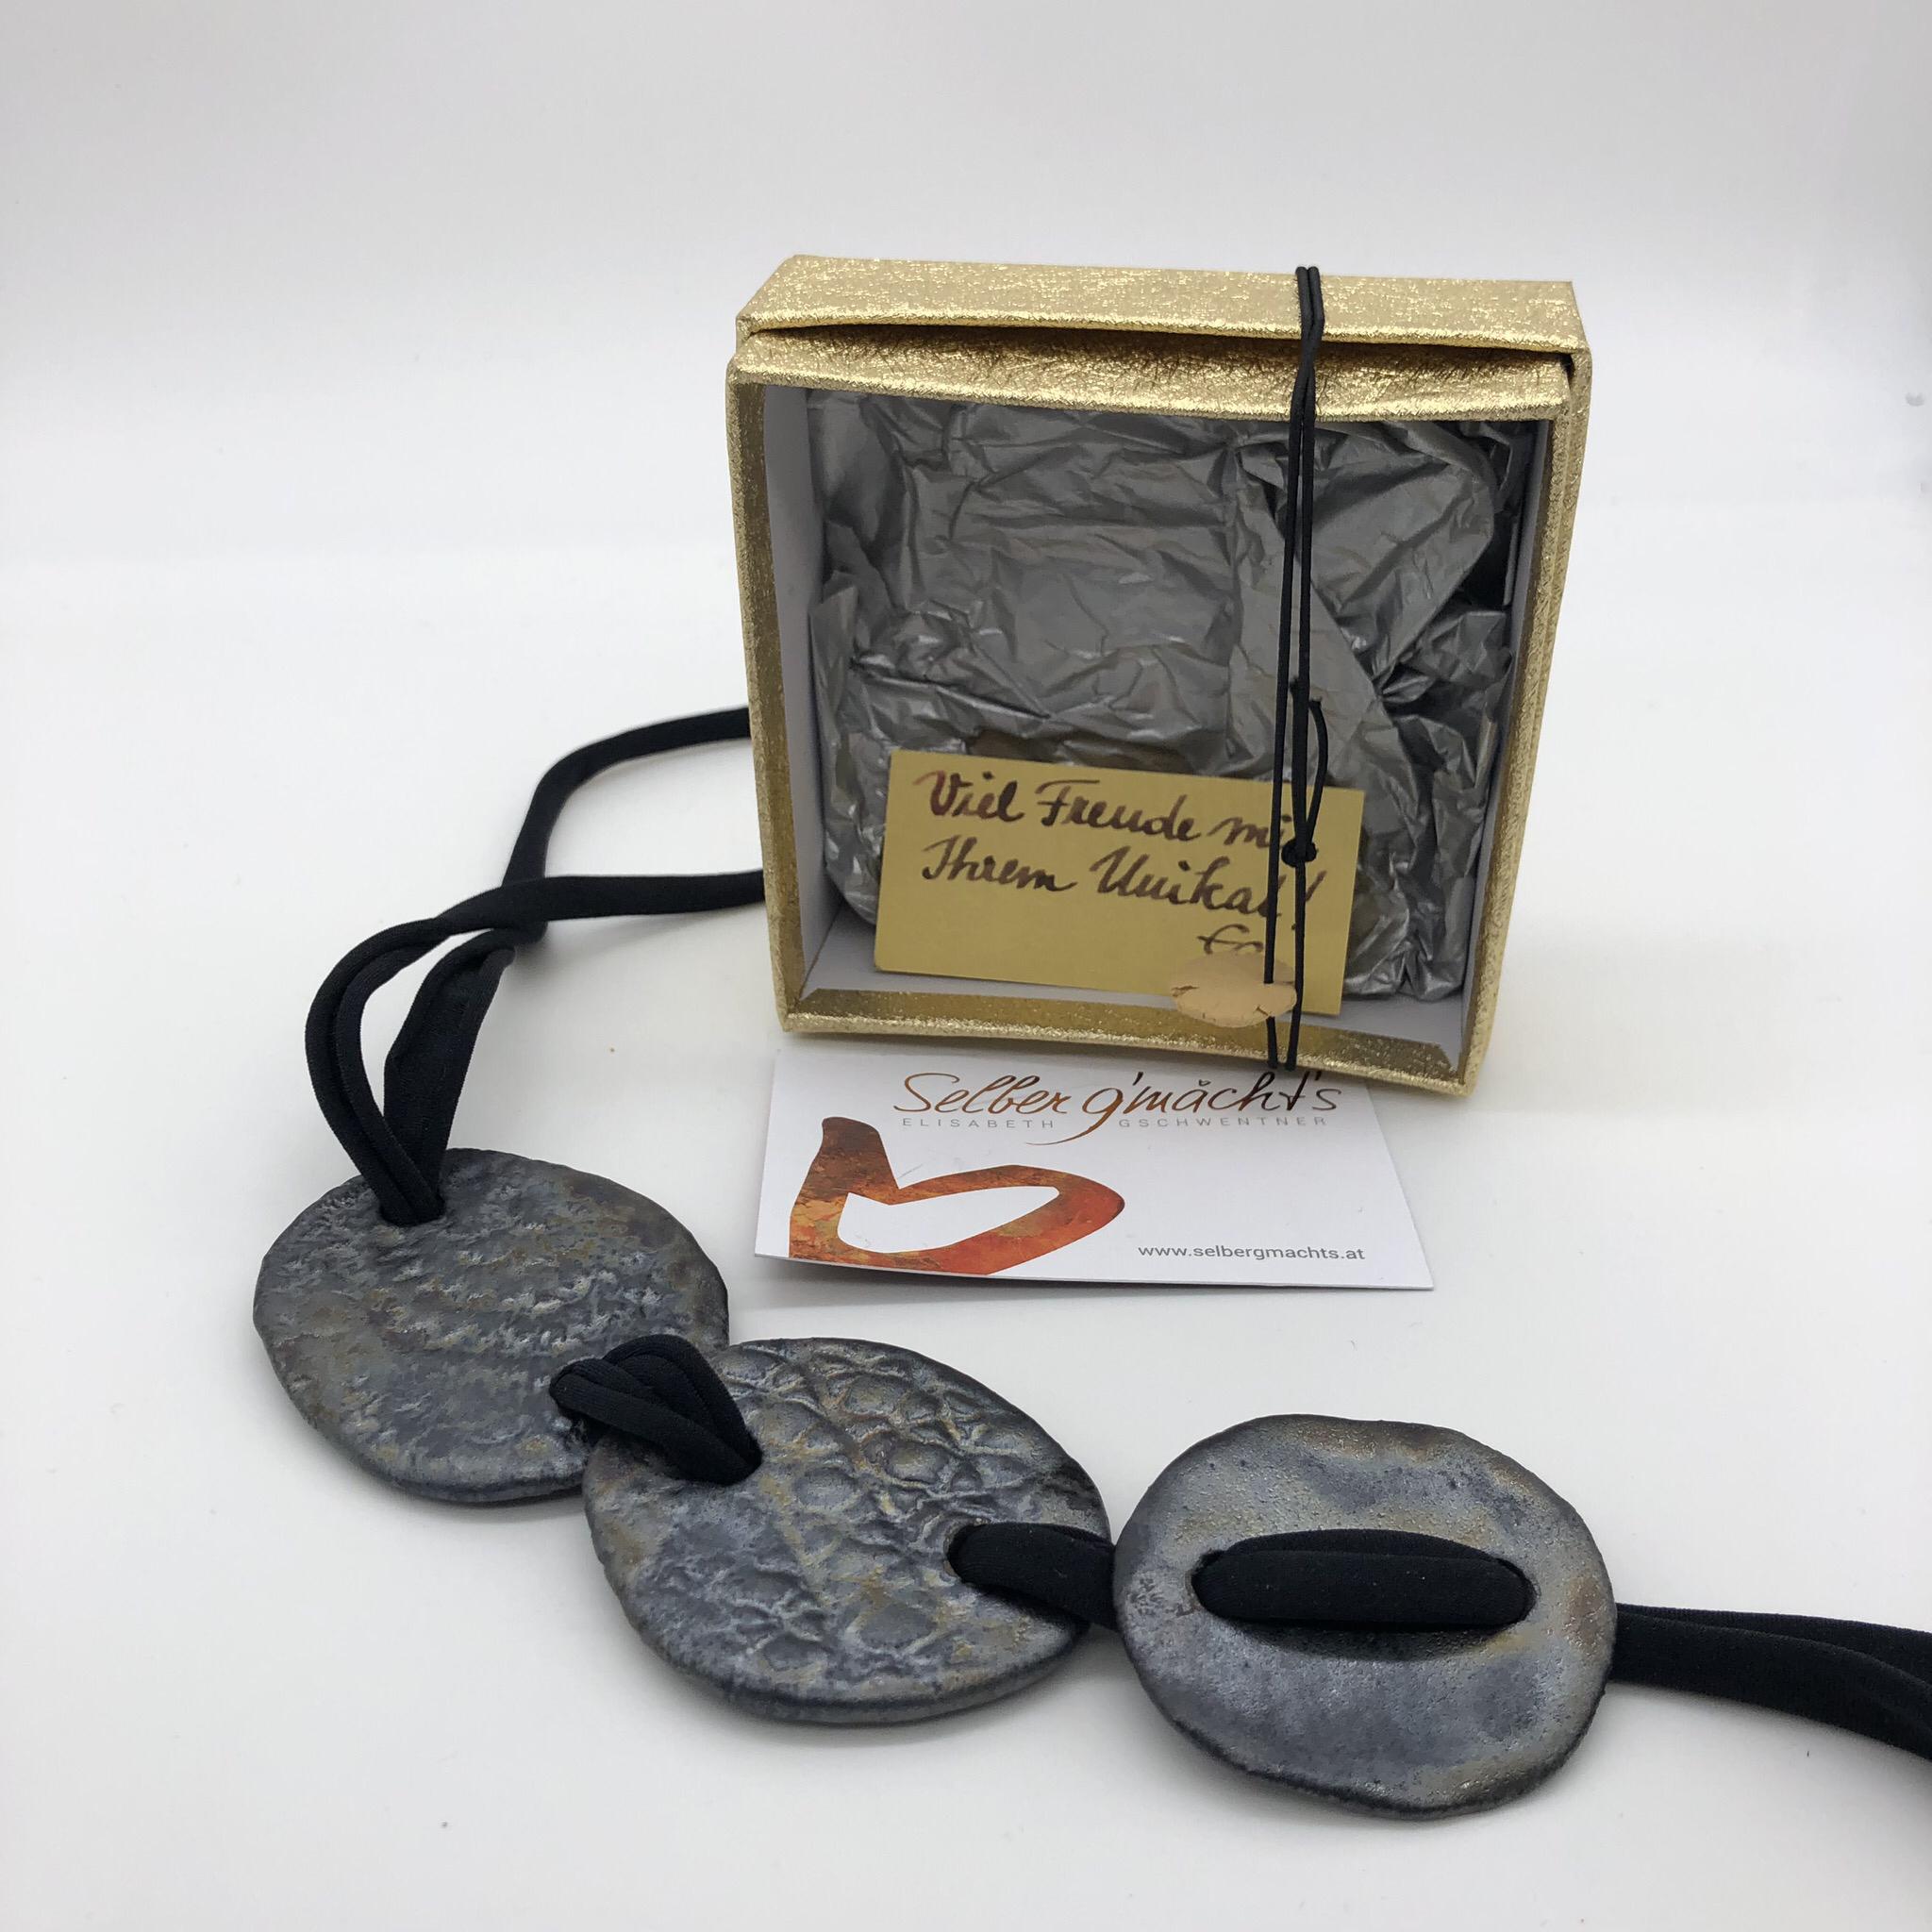 Kette mit drei Keramikscheiben, metallic glasiert - beidseitig tragbar - Scheiben und Länge variabel